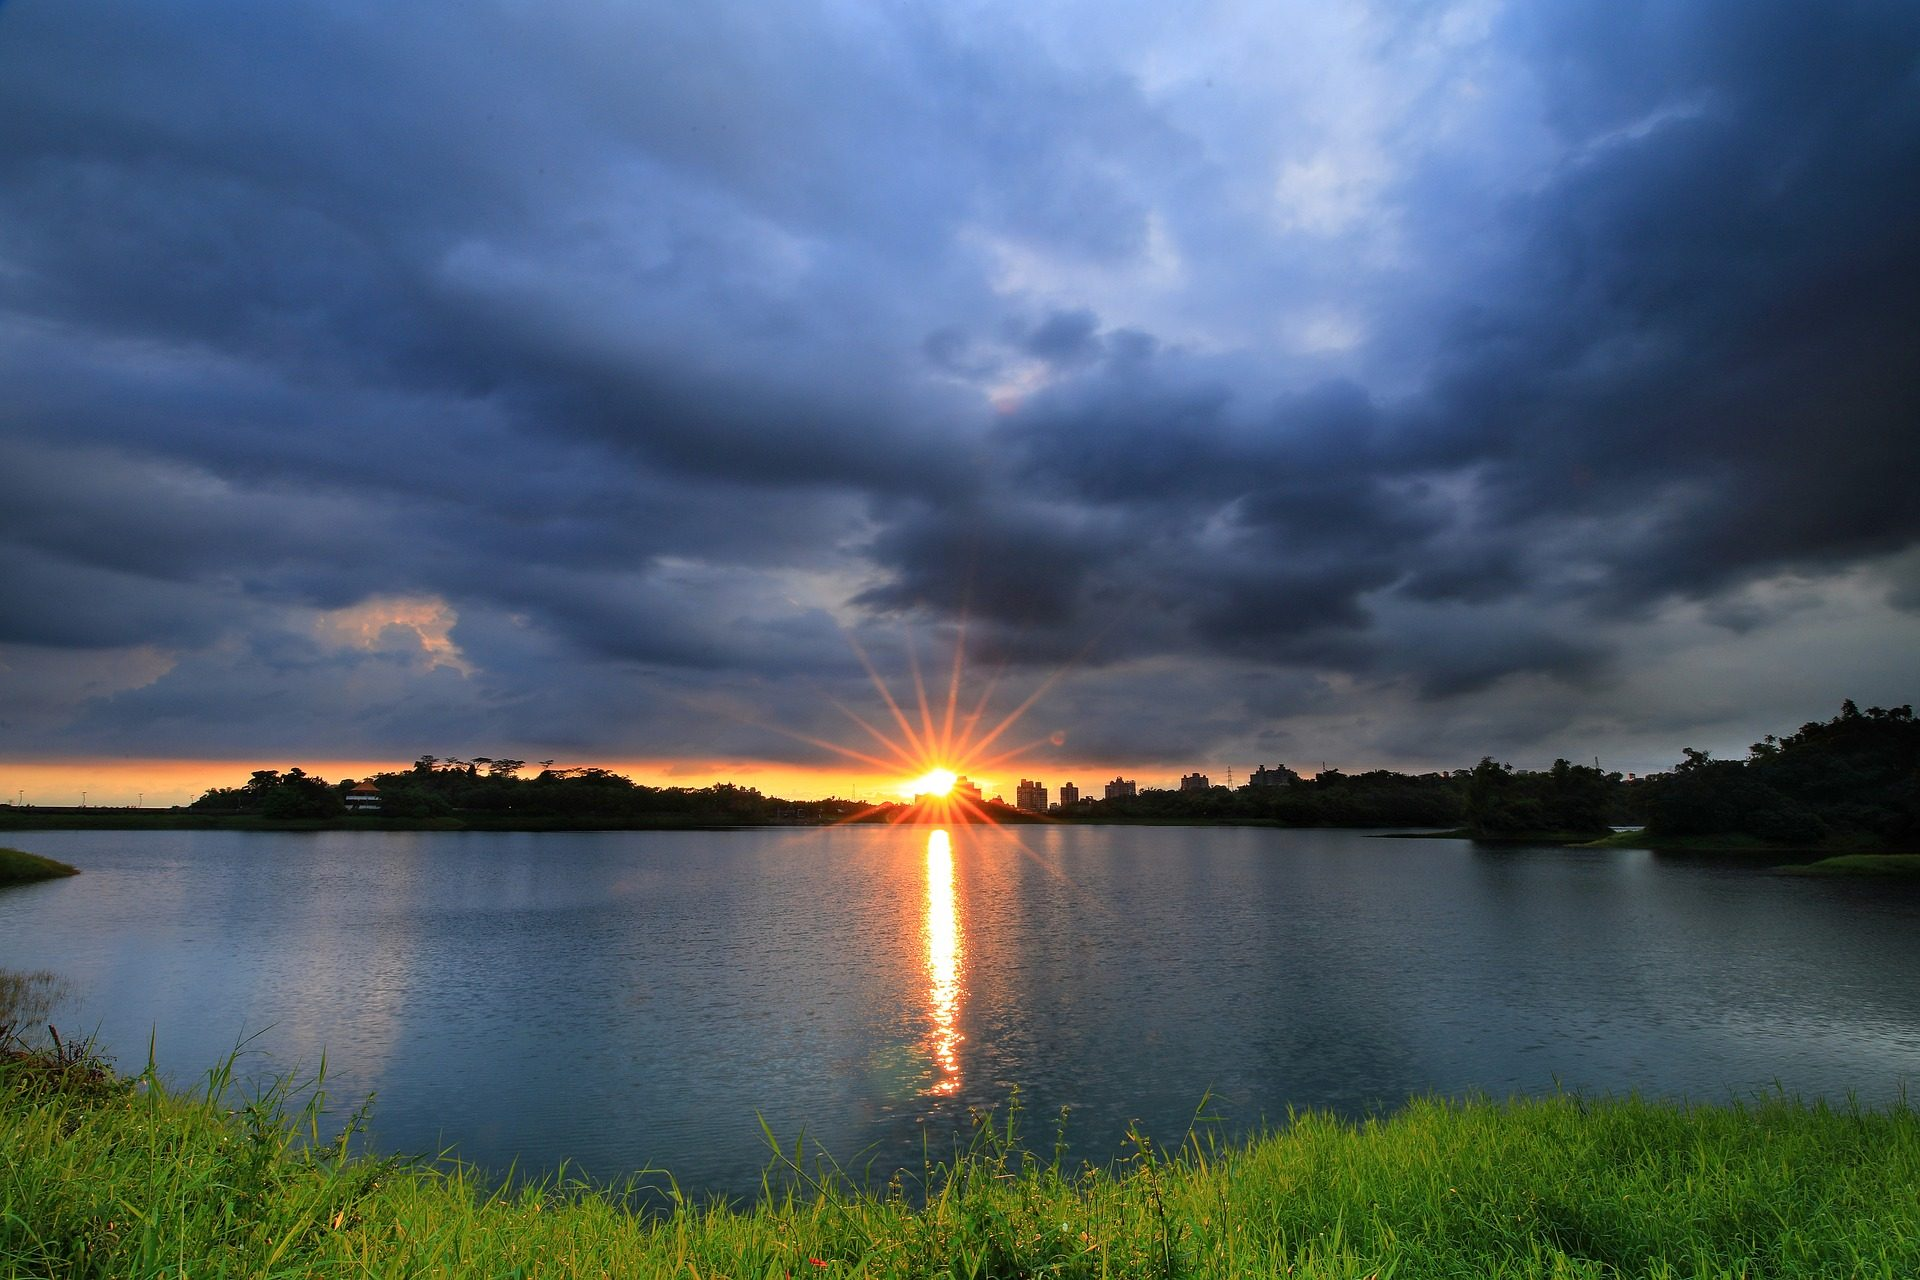 ラグーナ, 湖, 太陽, 明るさ, ハロー, 曇り, サンセット - HD の壁紙 - 教授-falken.com